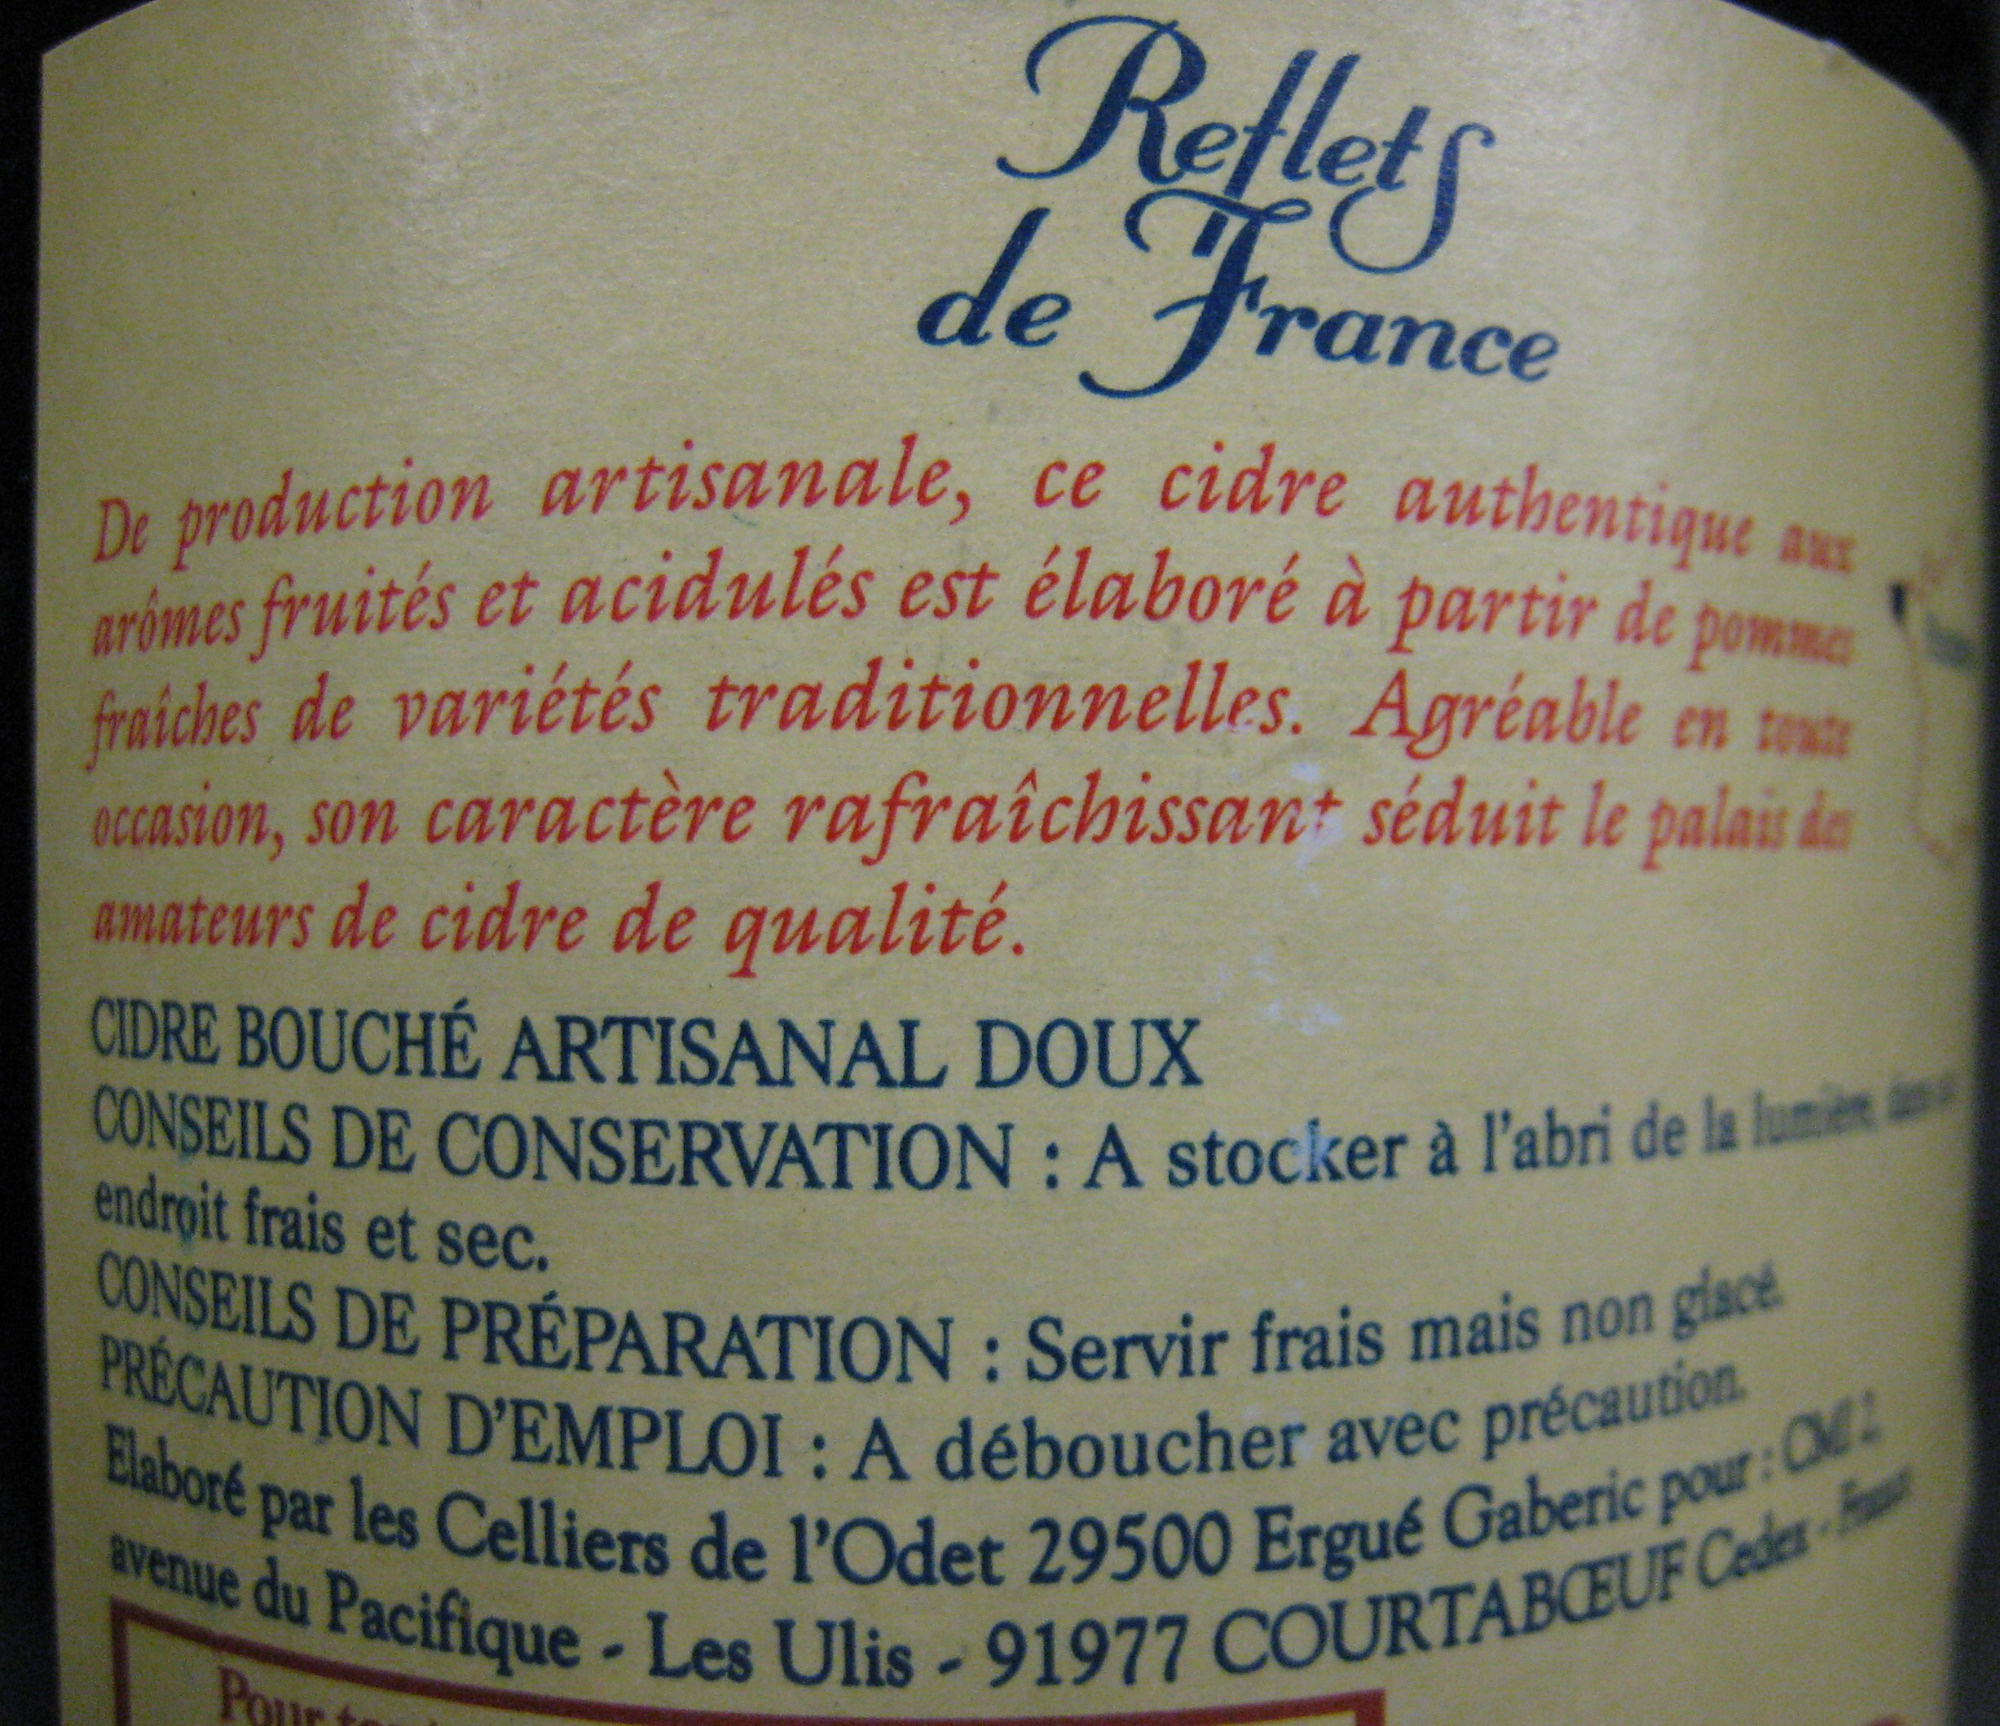 Cidre Bouché Artisanal, Doux (2 % vol.) - Ingredients - fr